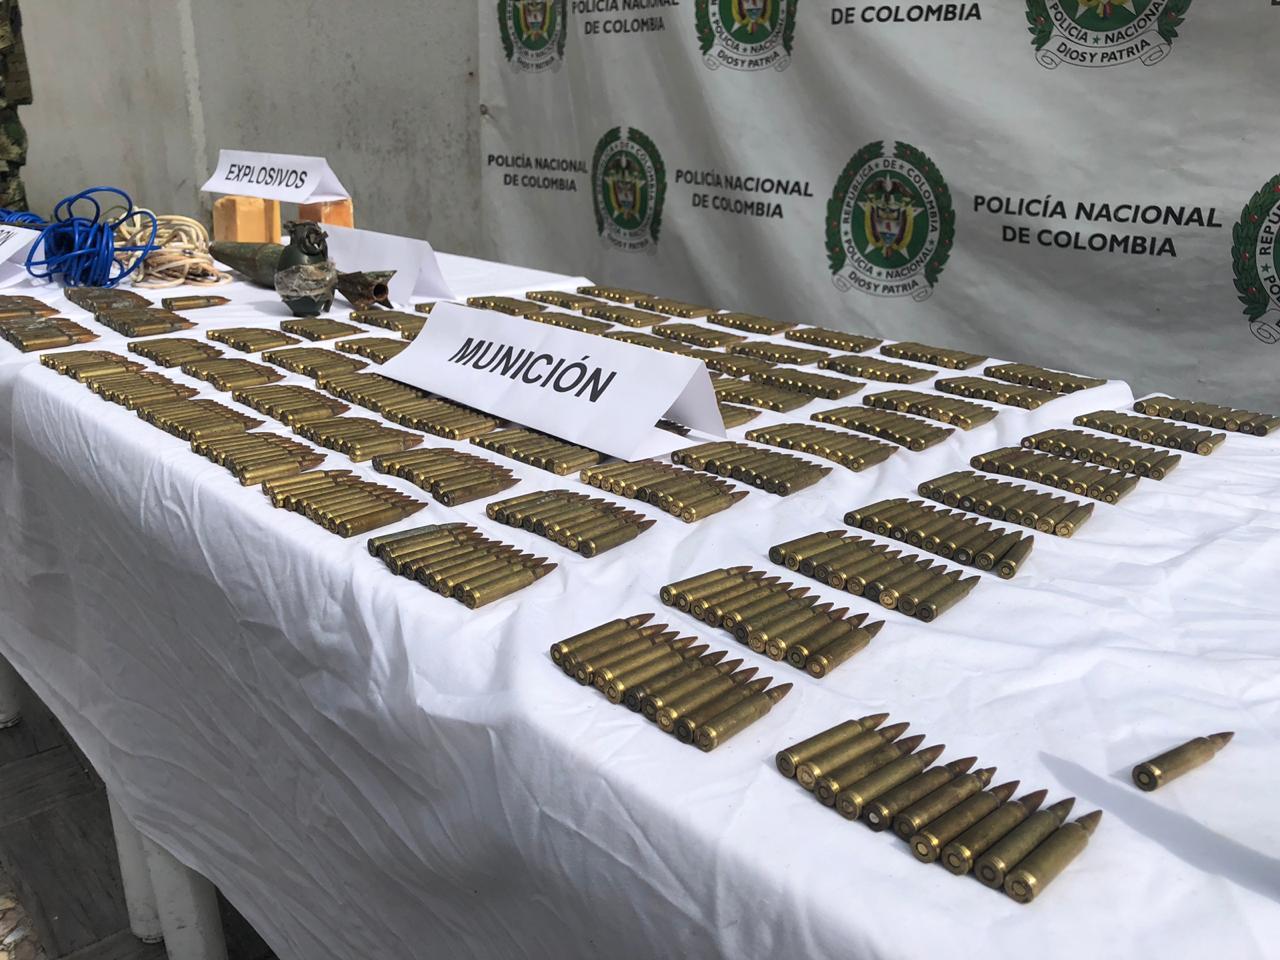 Ejército ubica depósito de explosivos en Putumayo